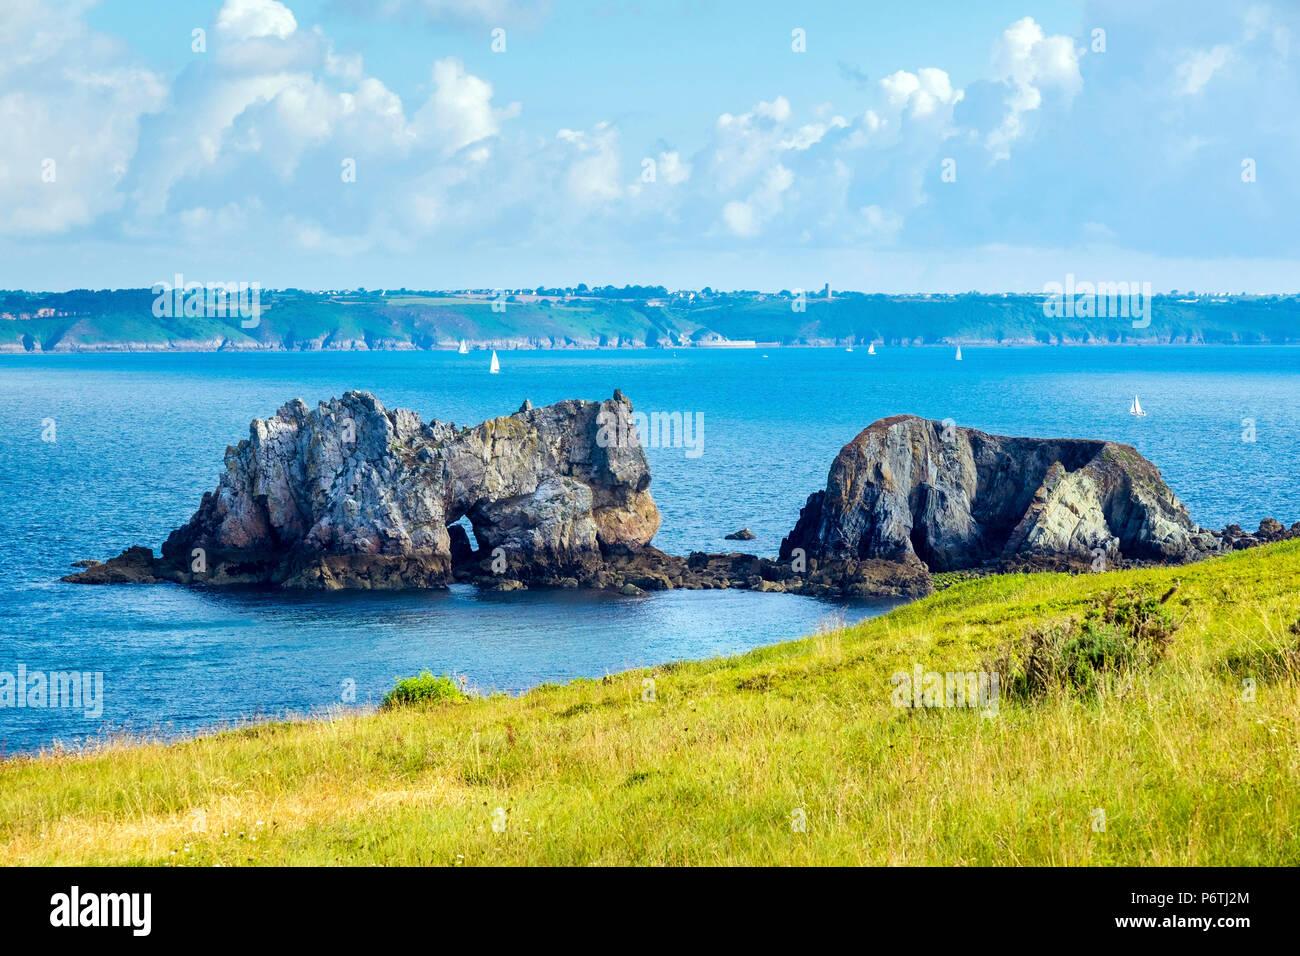 France, Bretagne, Finistère (Bretagne) département, Camaret-sur-Mer. Pointe du Toulinguet sur la Presqu'ile de Crozon, Parc naturel régional d'Armorique. Photo Stock